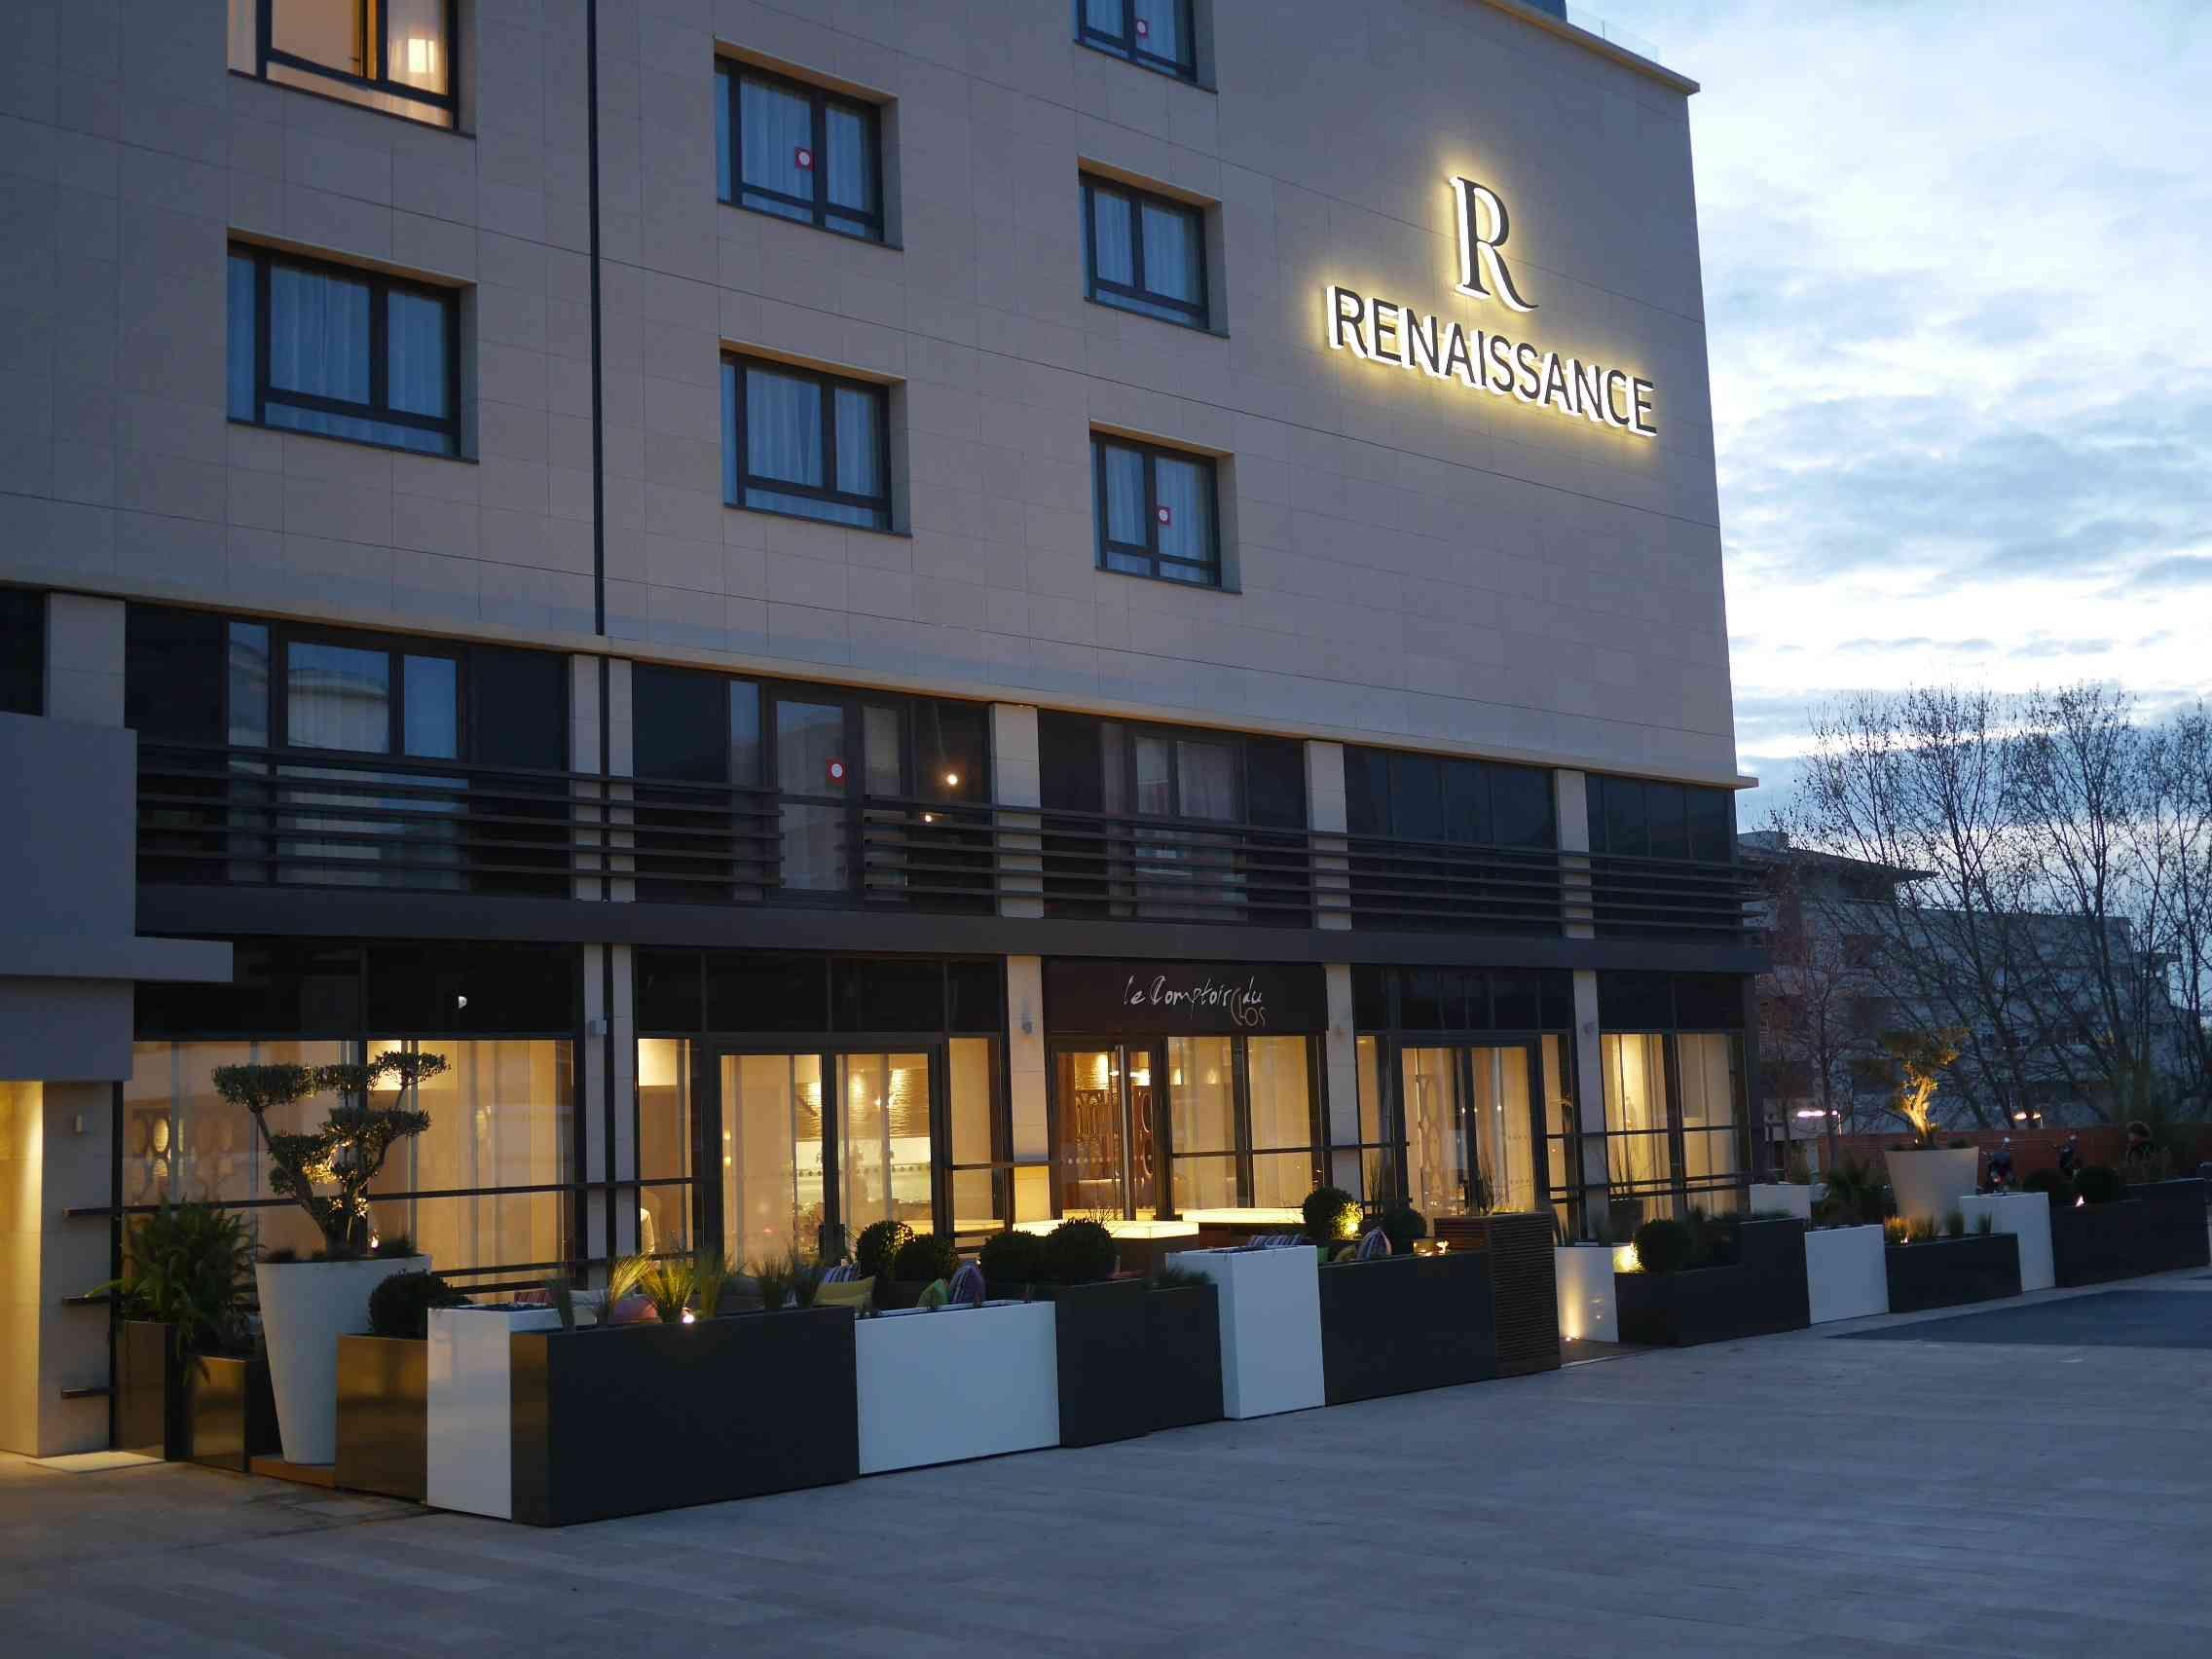 Archiclub La Terrasse De L Hotel Renaissance A Aix En Provence Une Realisation Signee Yoran Morvant Du Studio Reflexi Aix En Provence Terrasse Banquettes